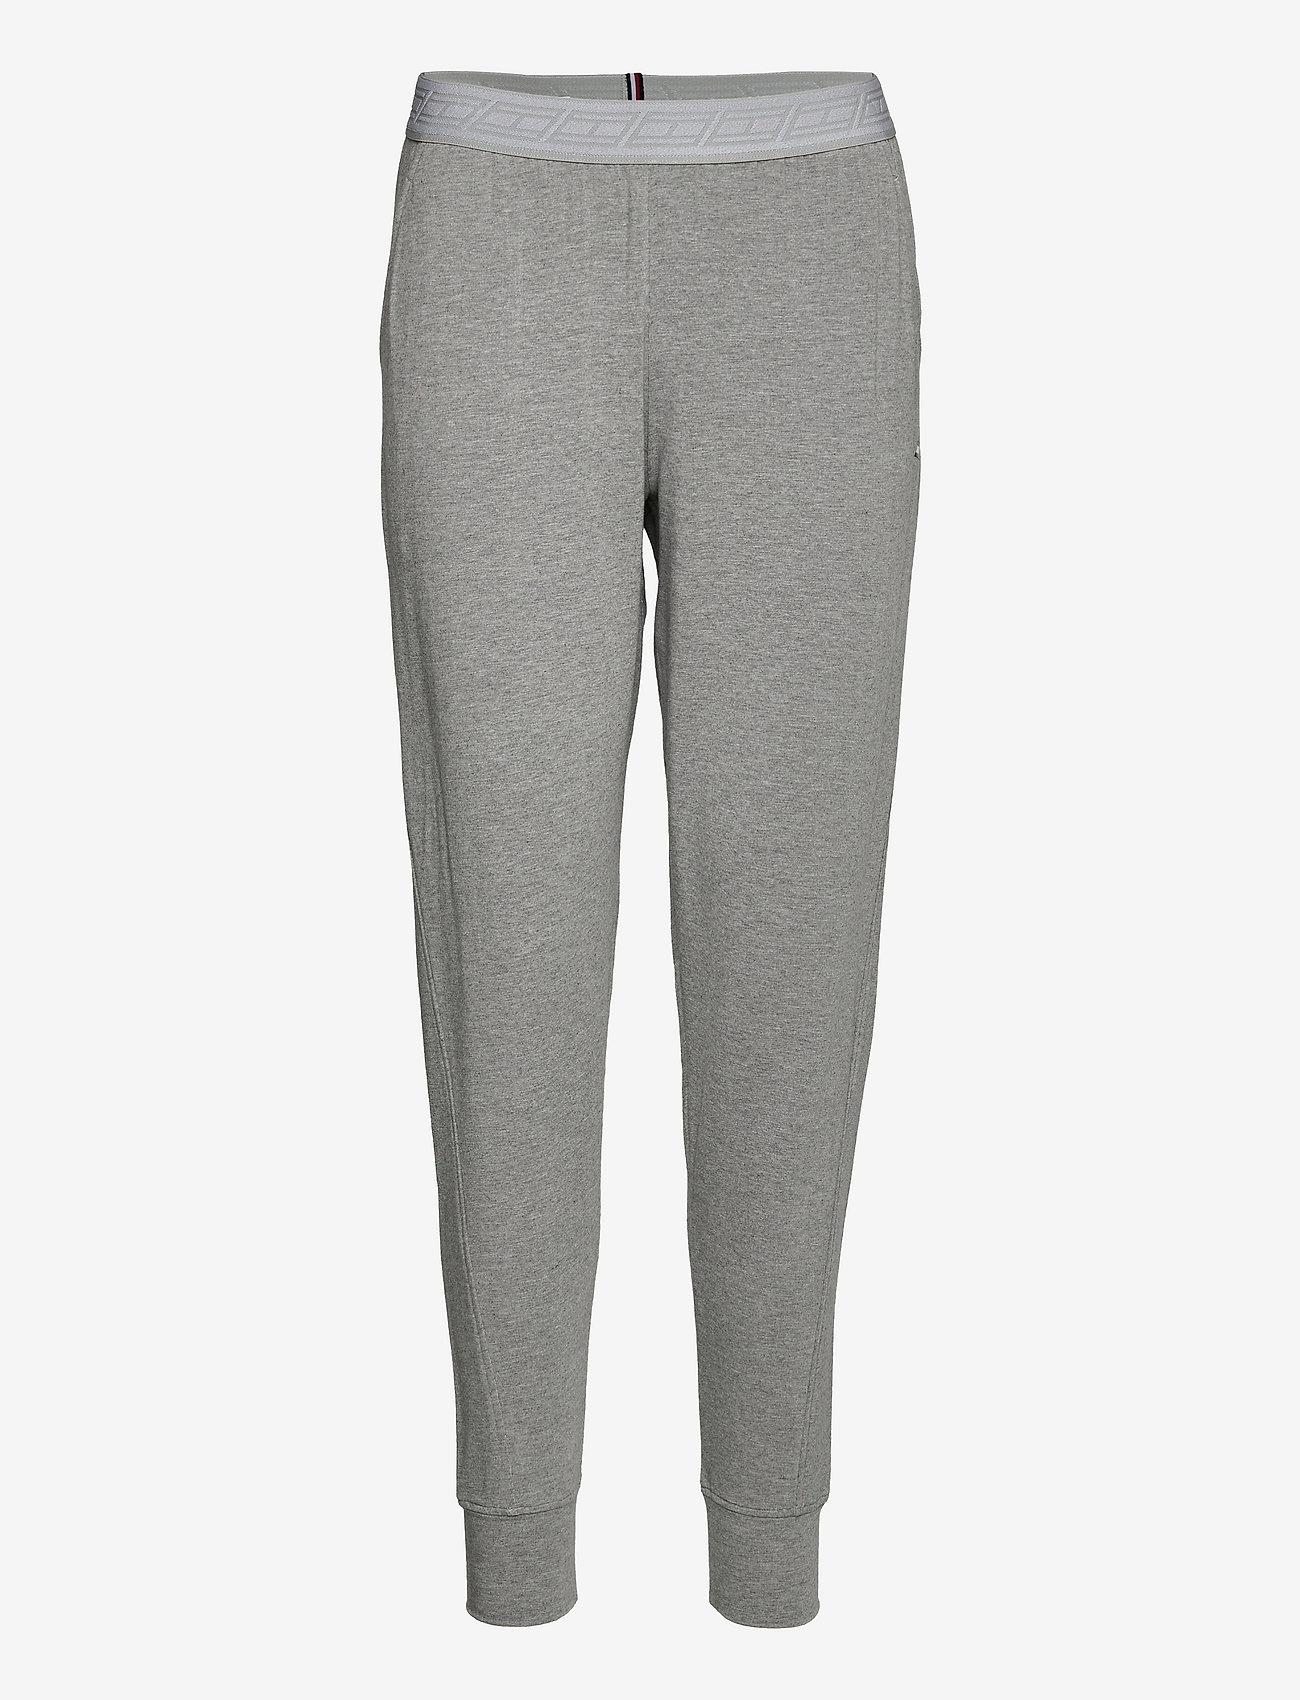 Tommy Sport - SLIM SOFT MODAL PANT - pants - light grey heather - 0